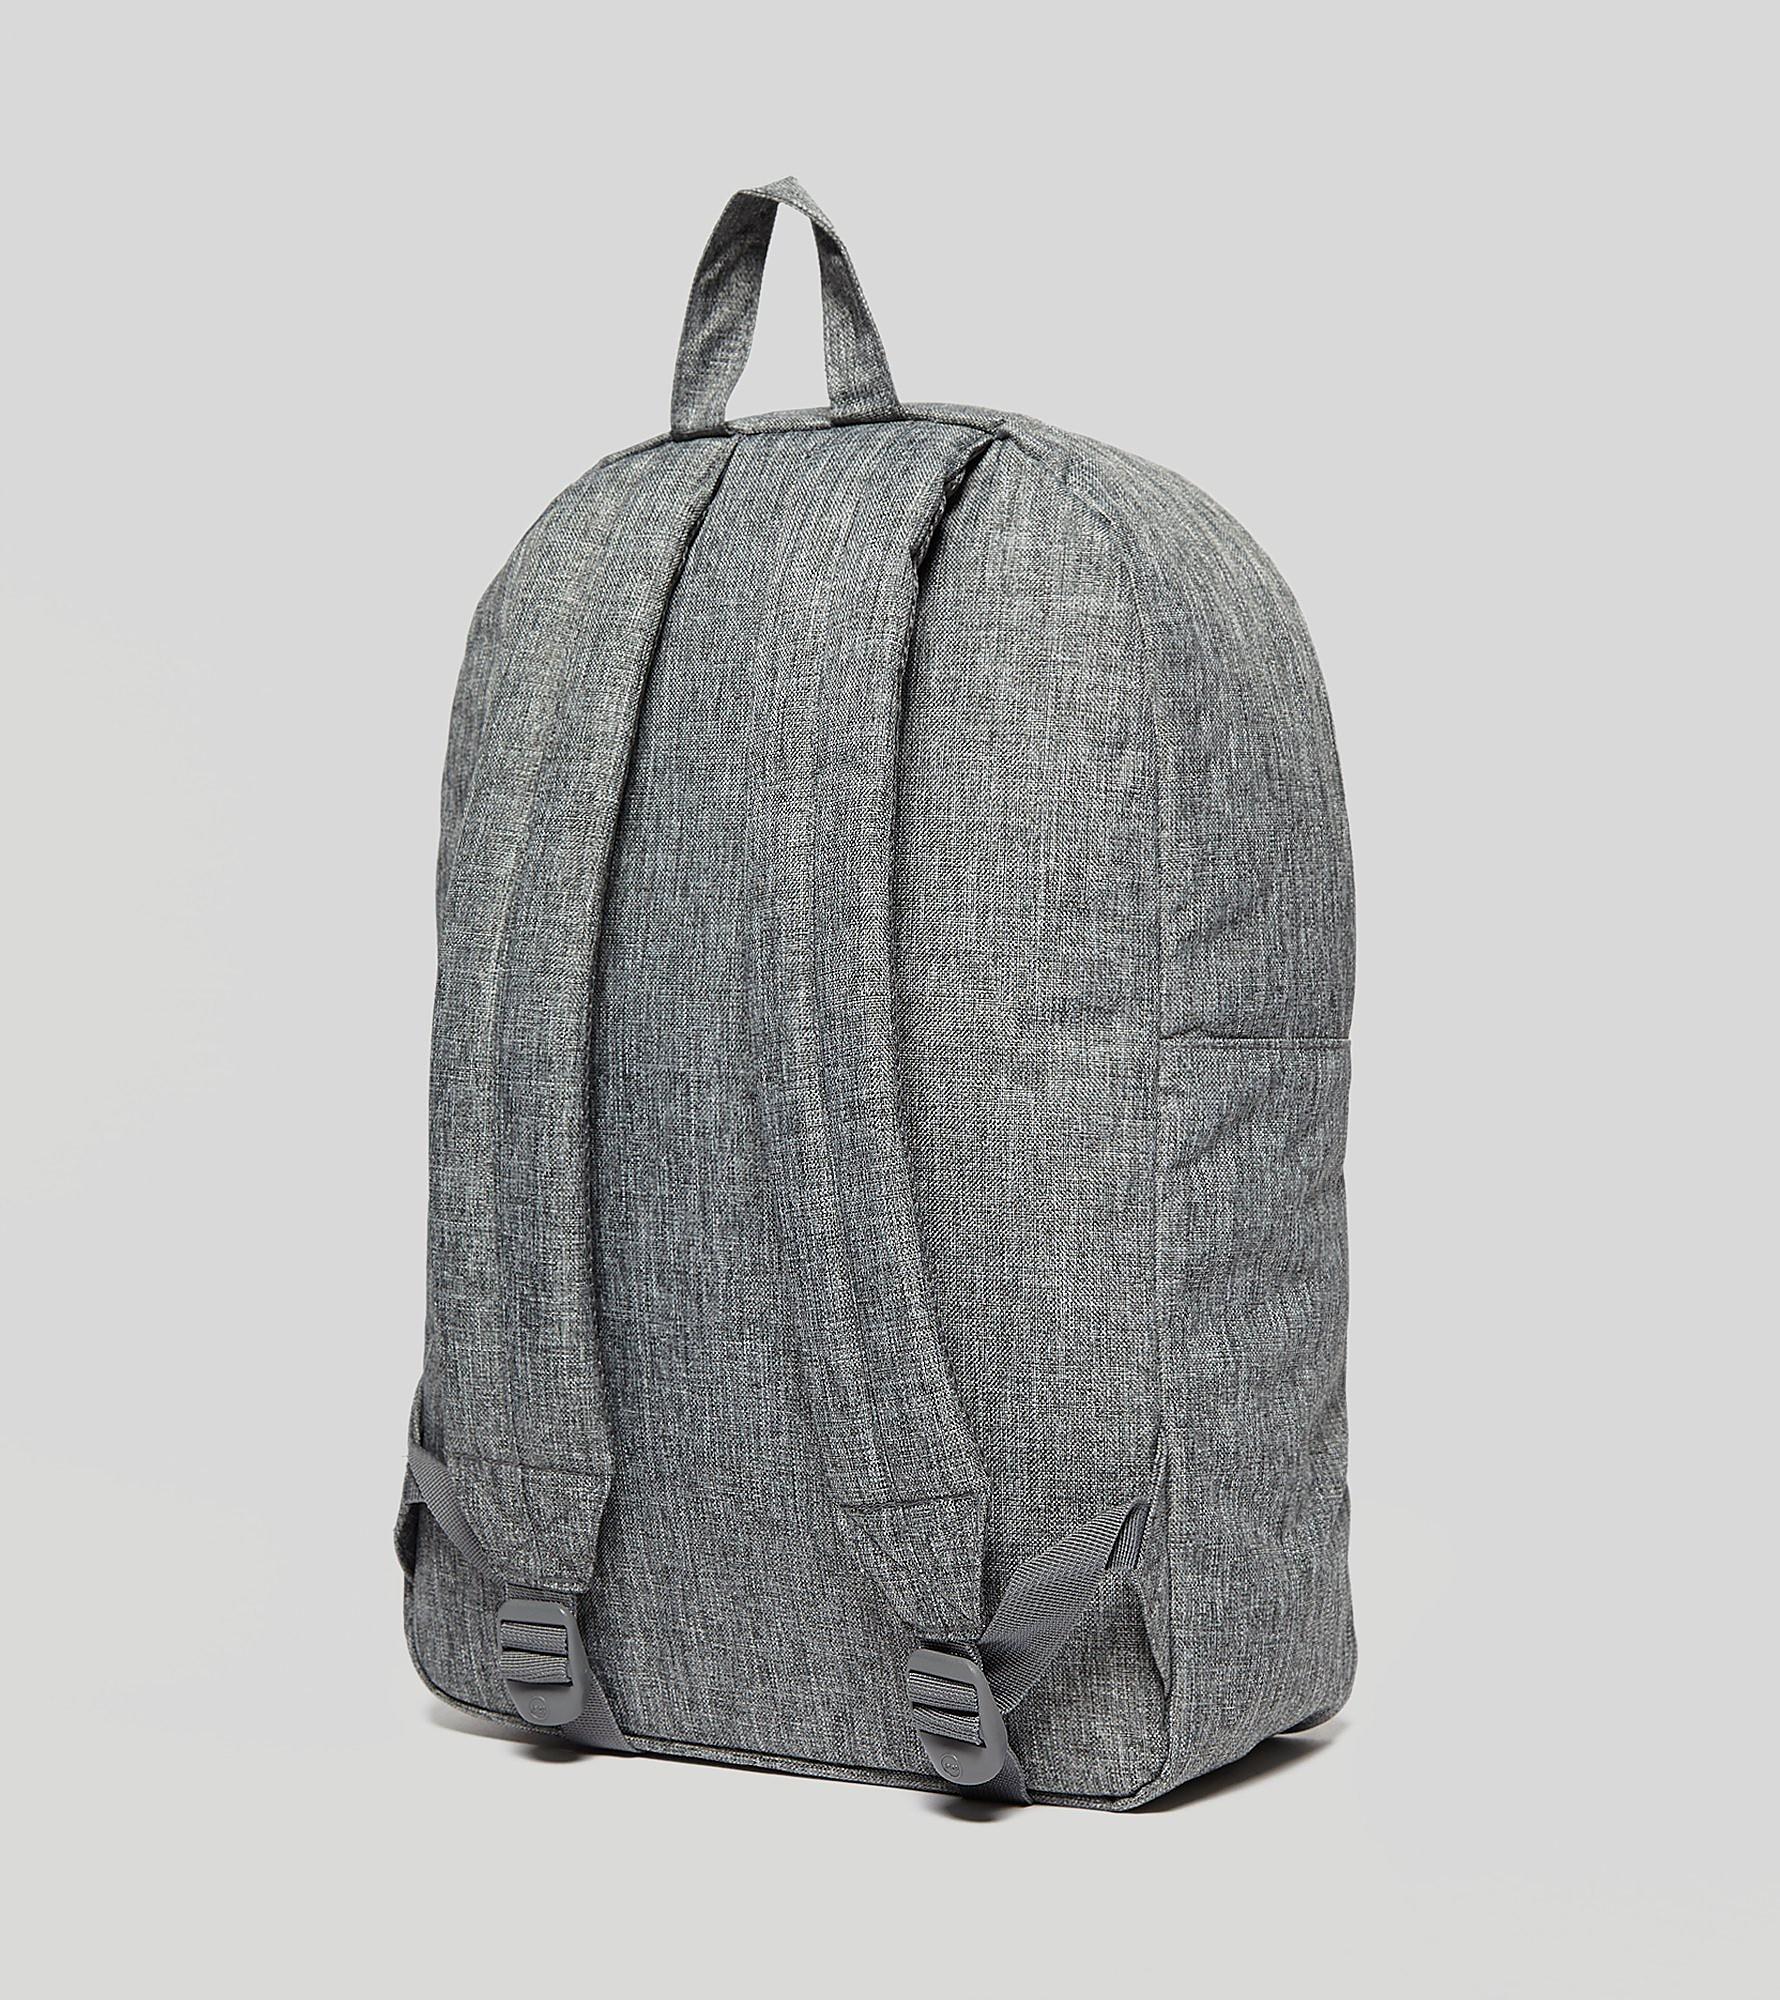 Herschel Supply Co Classic Backpack